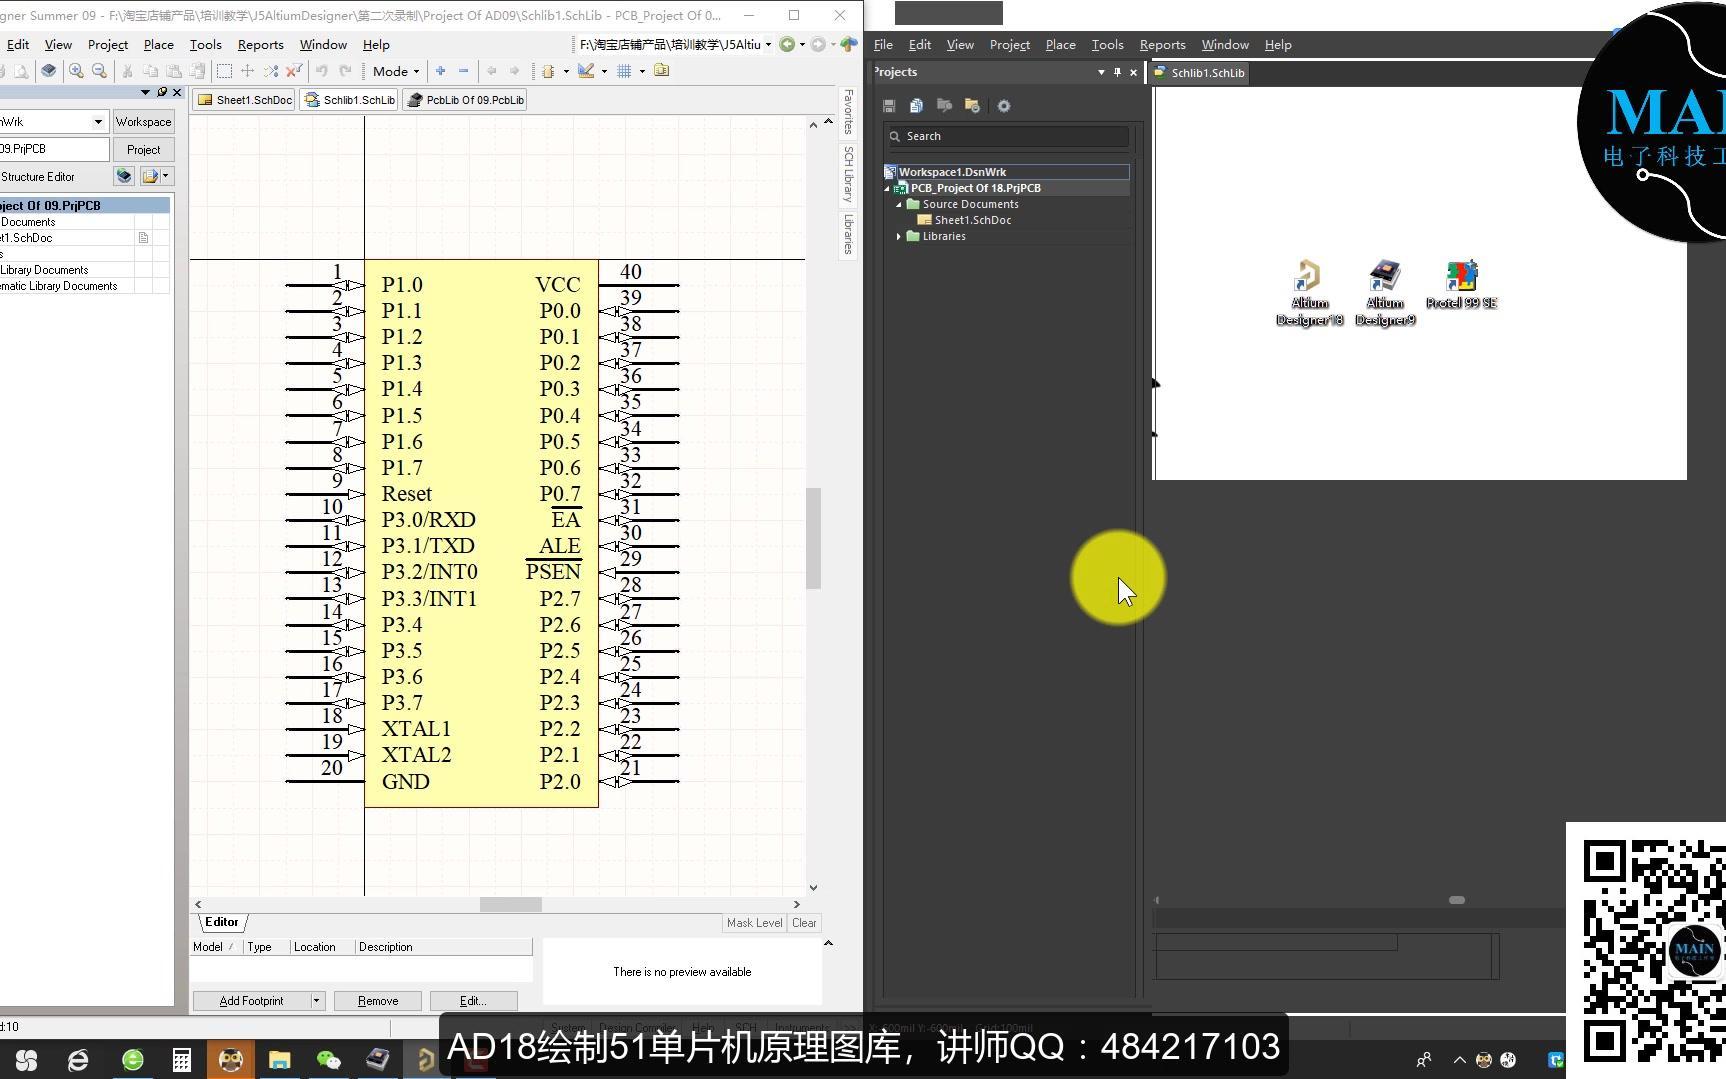 第九课时《AD18单片机原理图库绘制》AltiumDesigner视频教程单片机电路知识讲解_哔哩哔哩 (゜-゜)つロ 干杯~-bilibili